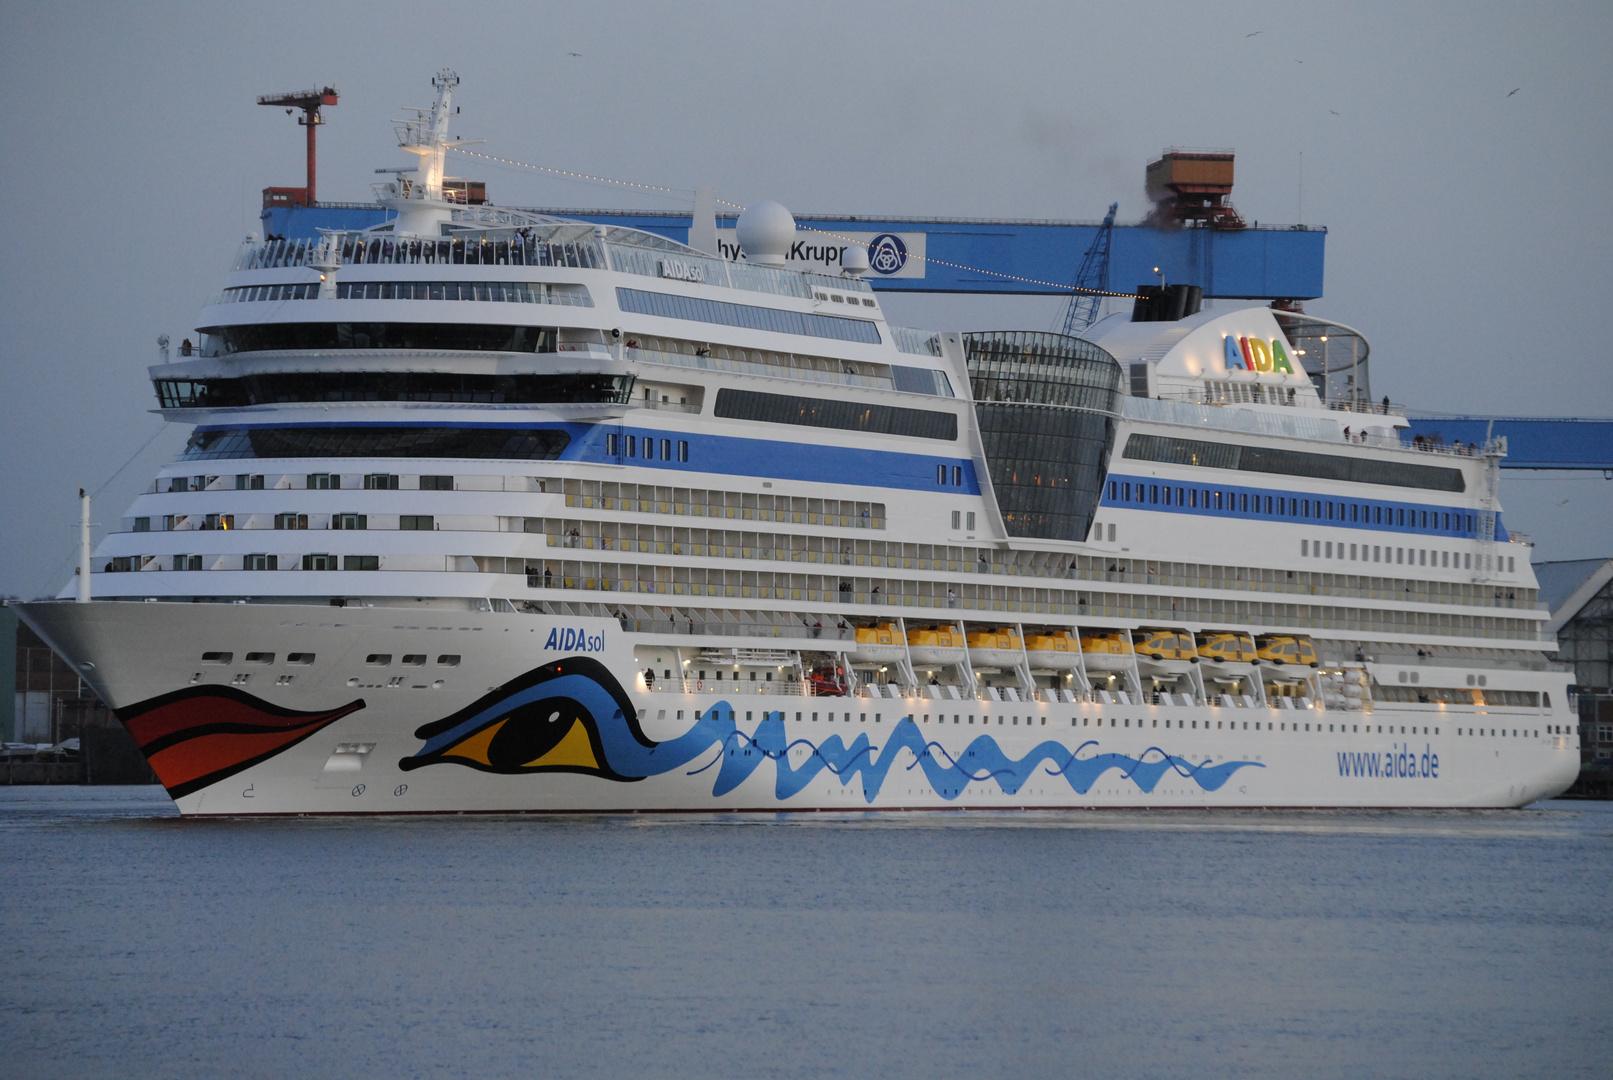 Die AIDAsol beim drehen im Kieler Hafen3